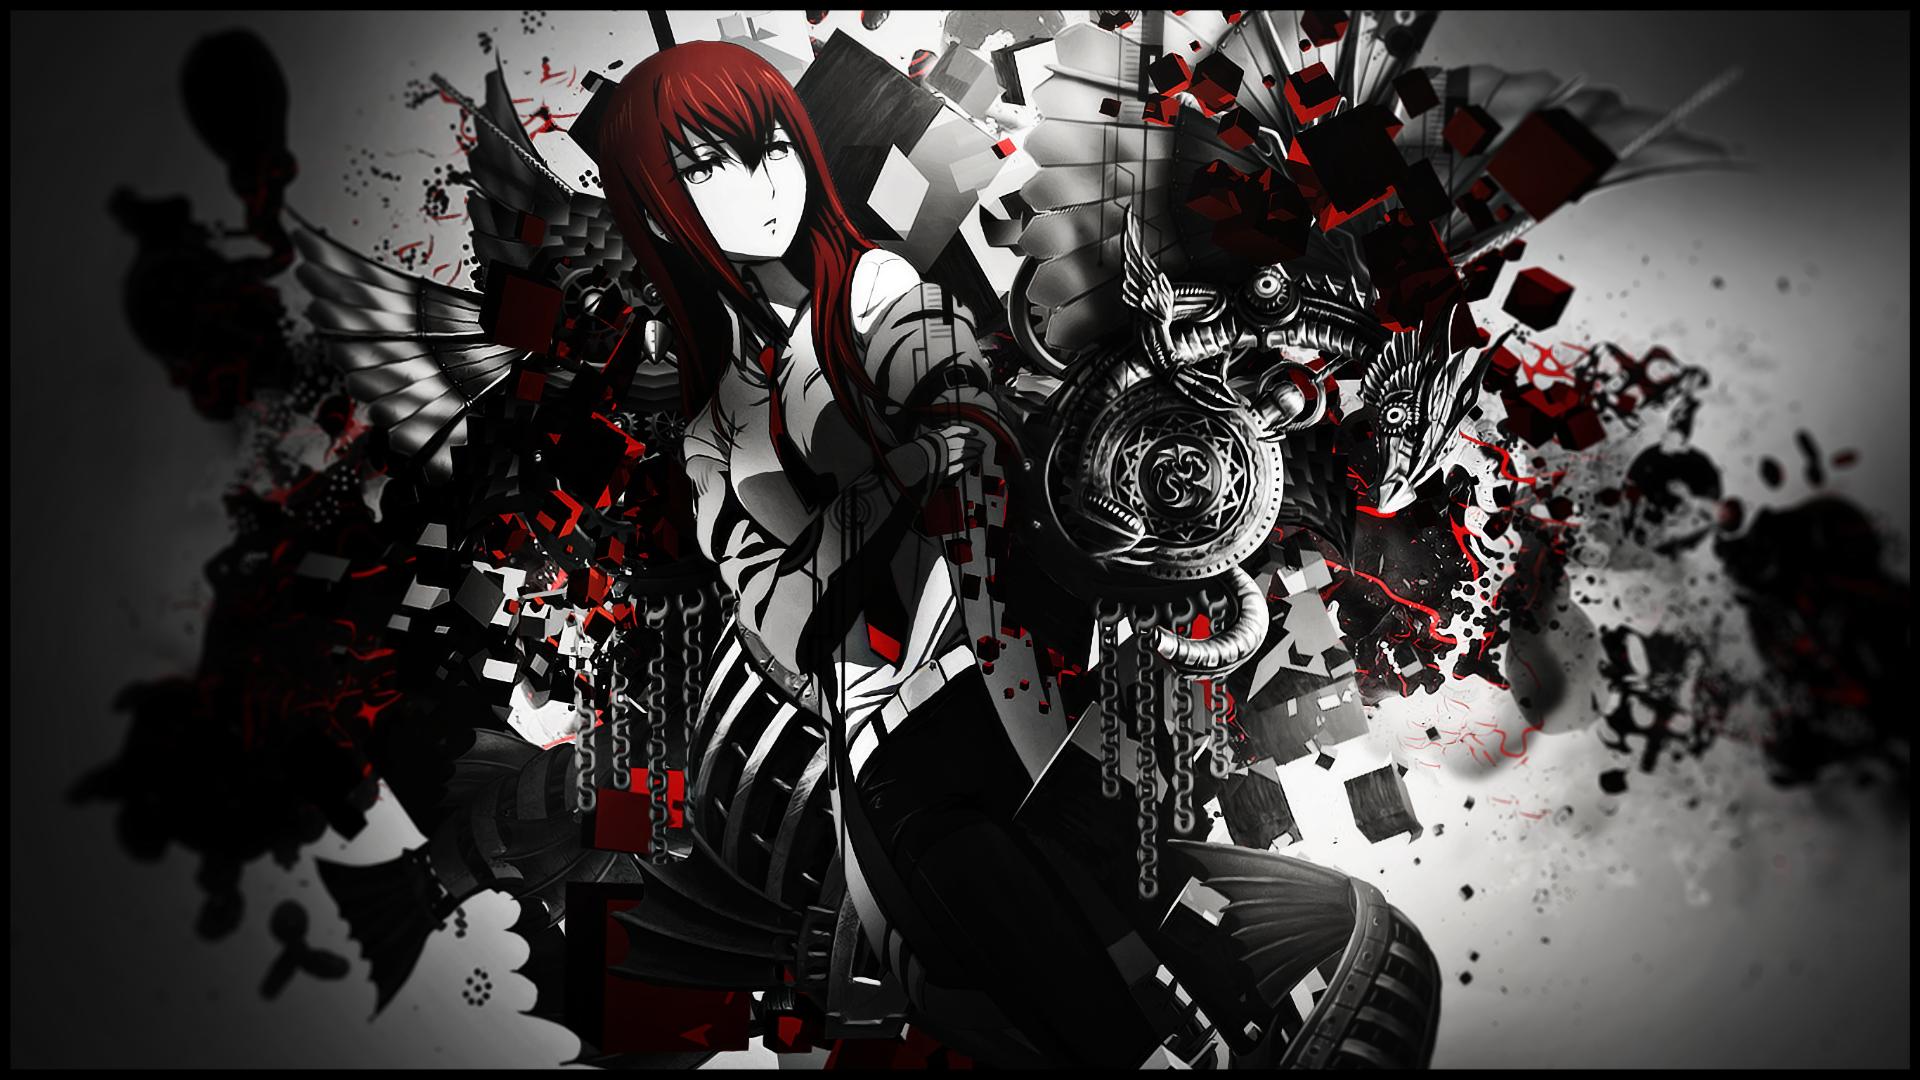 Makise Kurisu Hd Wallpaper Background Image 1920x1080